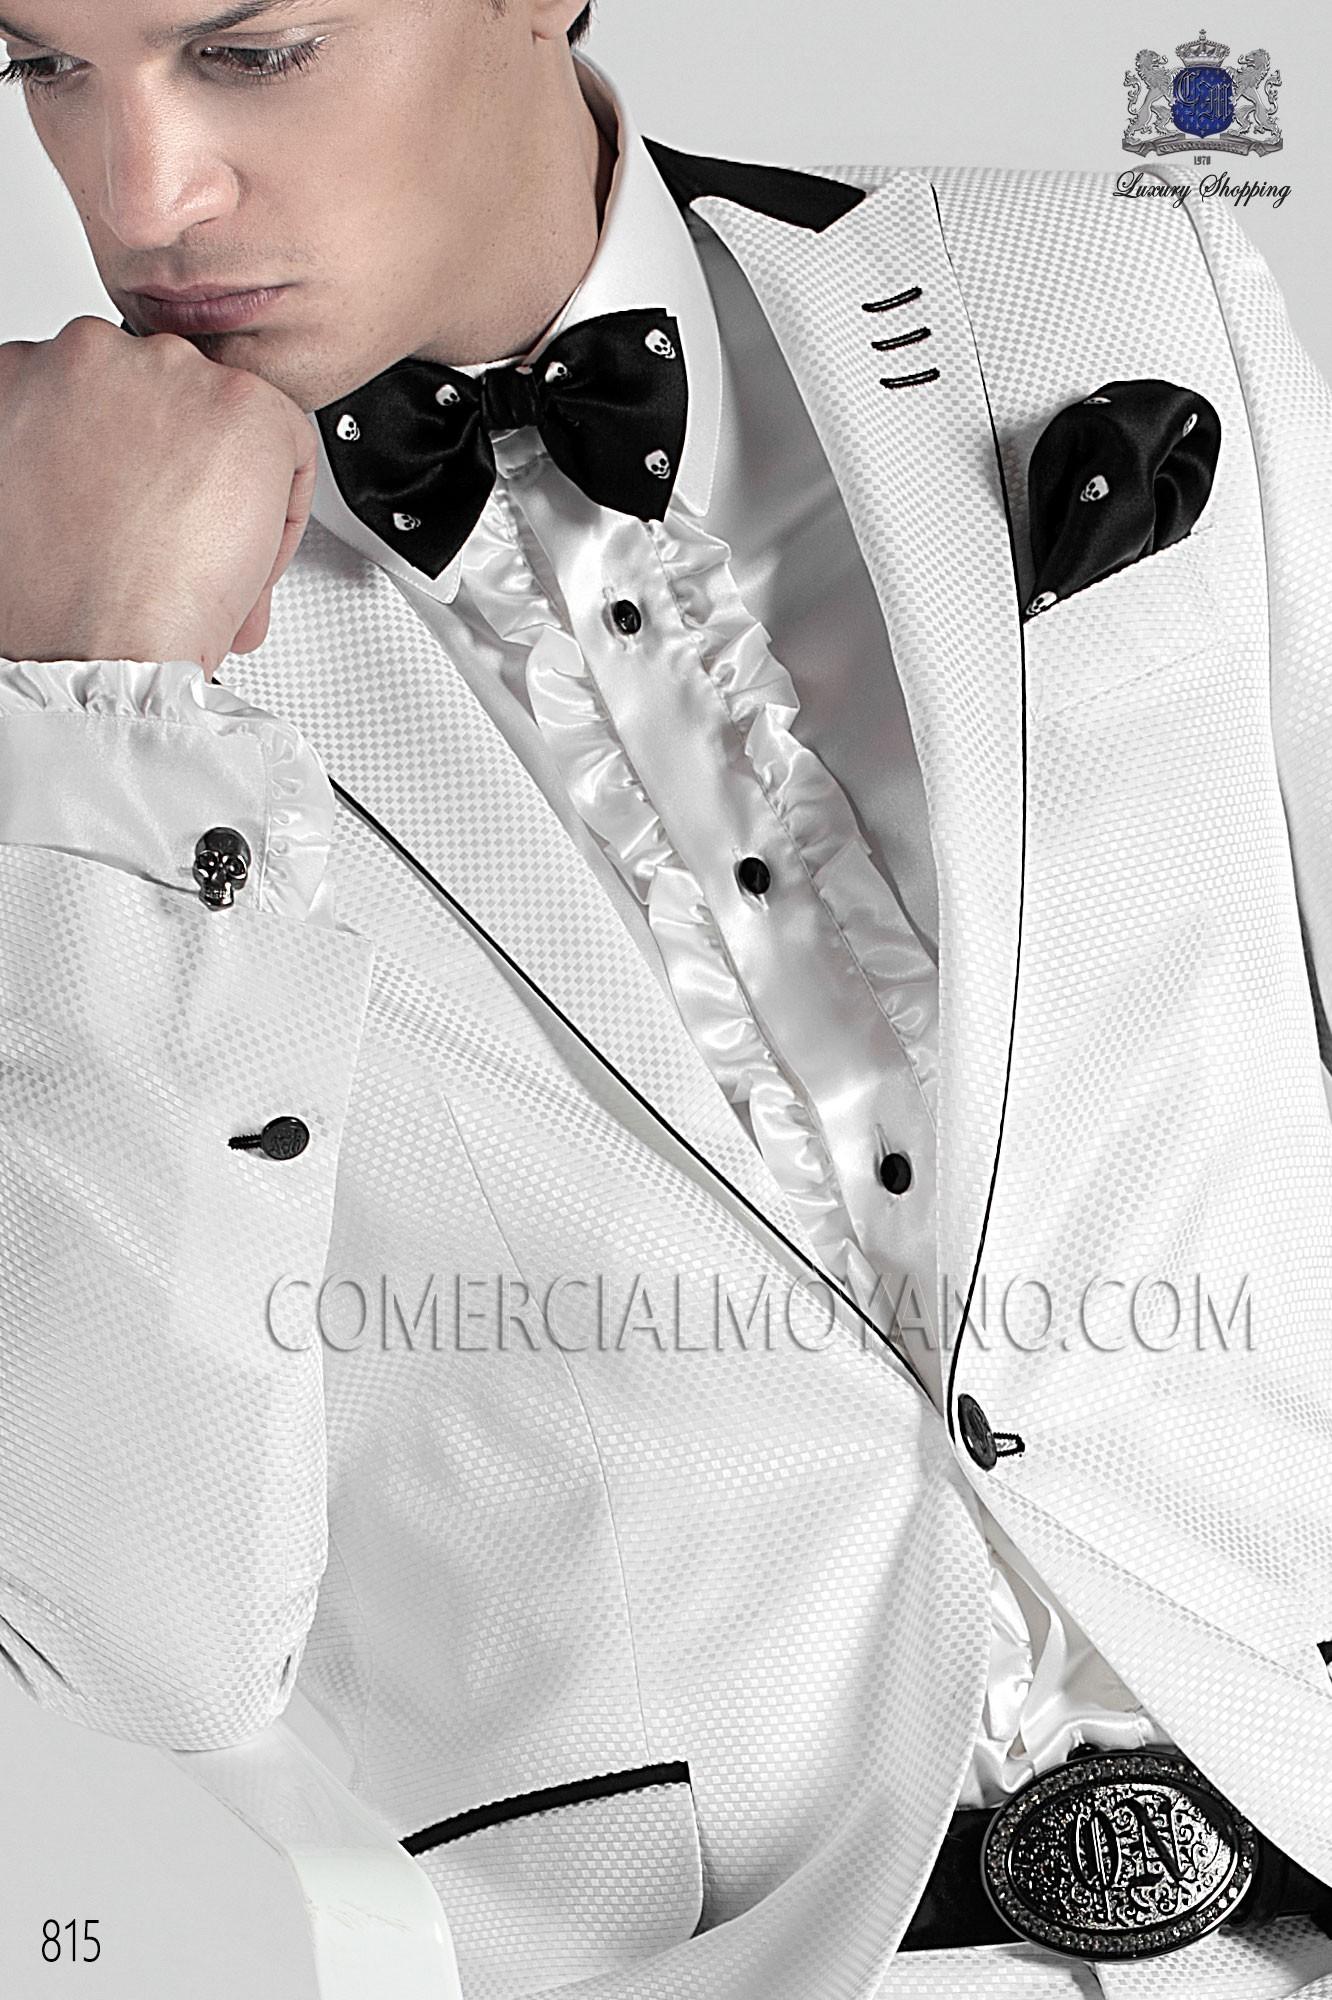 Traje Emotion de novio blanco modelo: 815 Ottavio Nuccio Gala colección Emotion